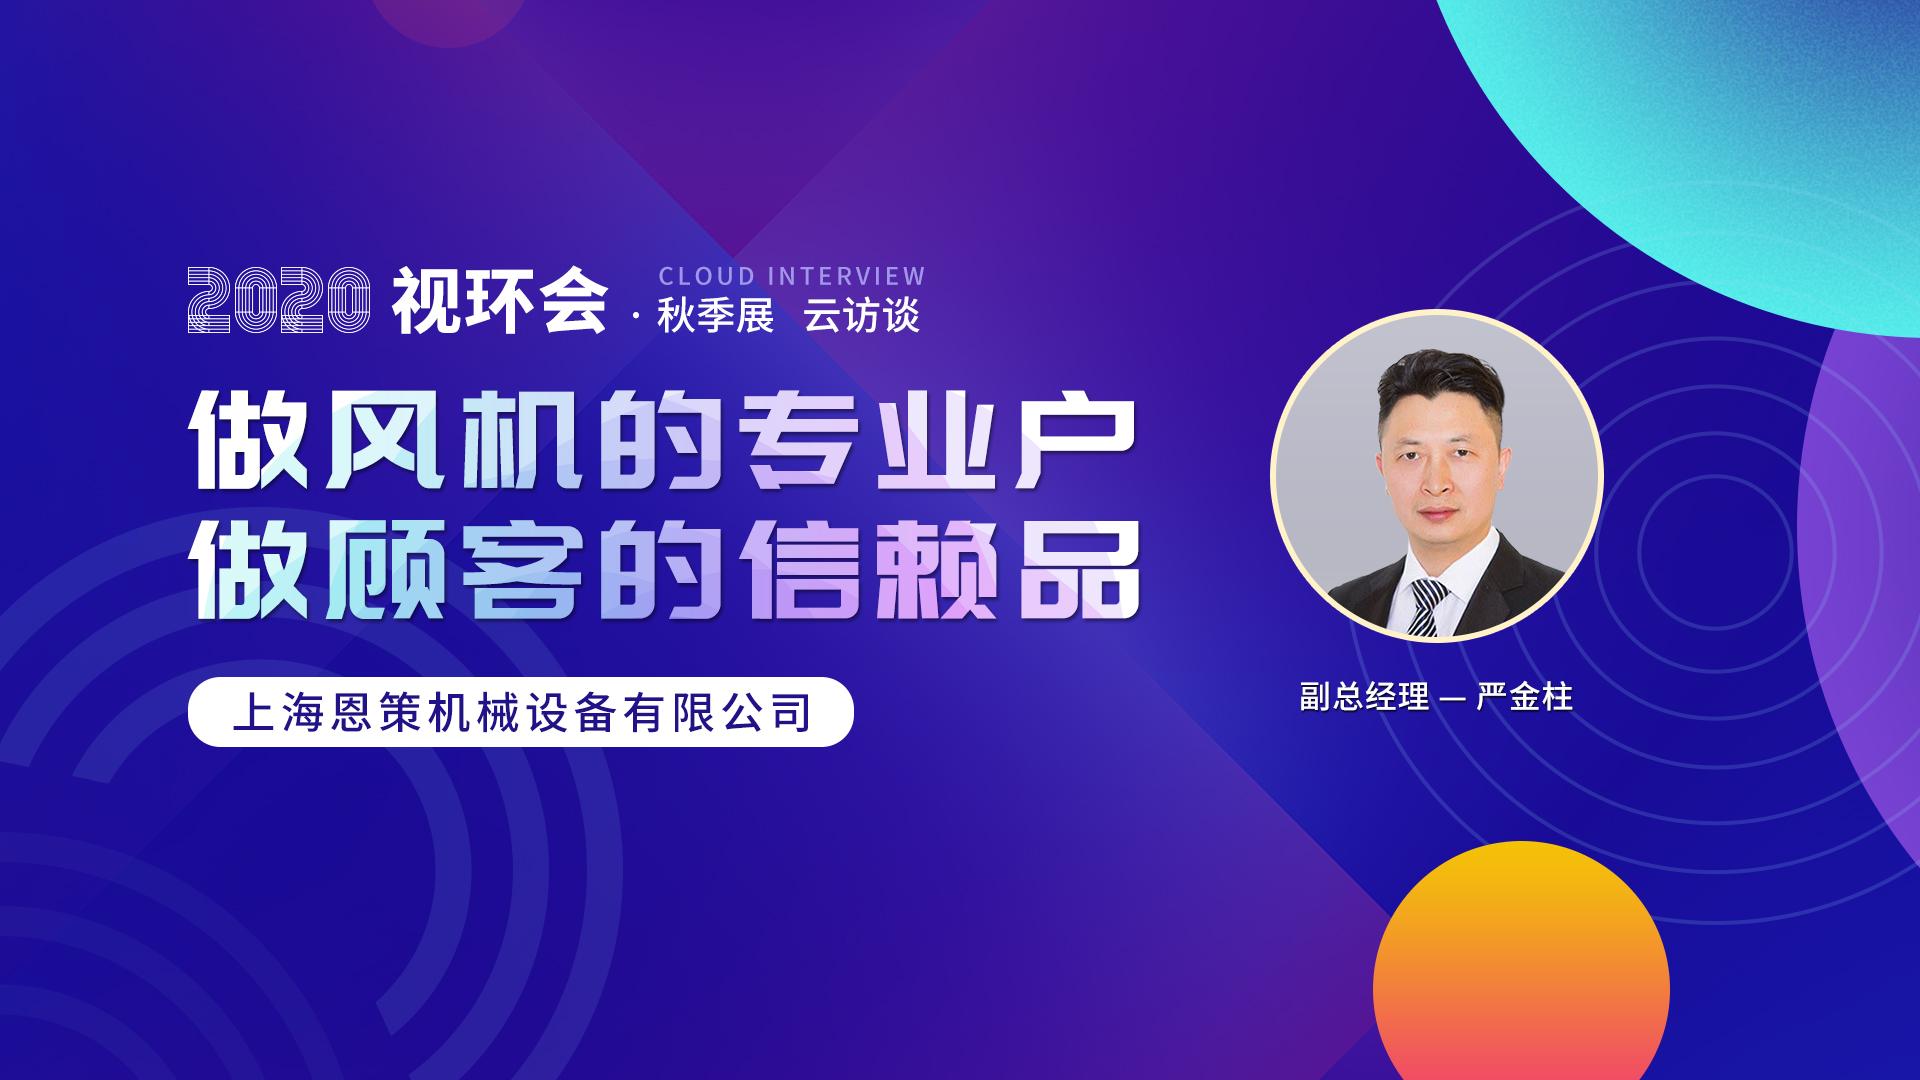 云访谈:上海恩策机械设备有限公司副总经理严金柱